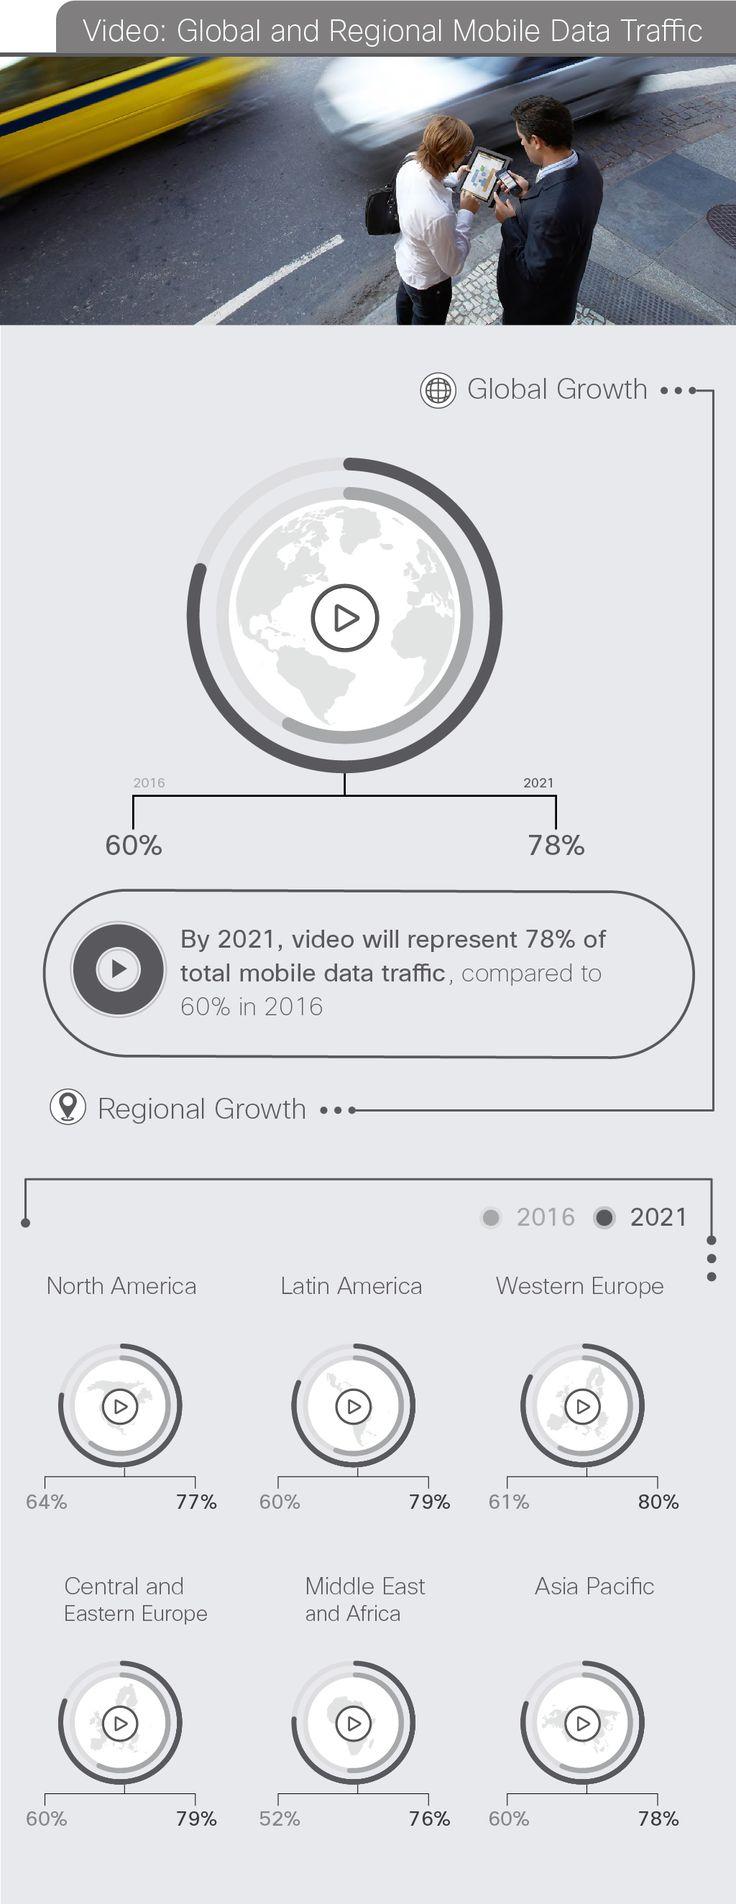 vni-global-mobile-data-traffic-forecast-7